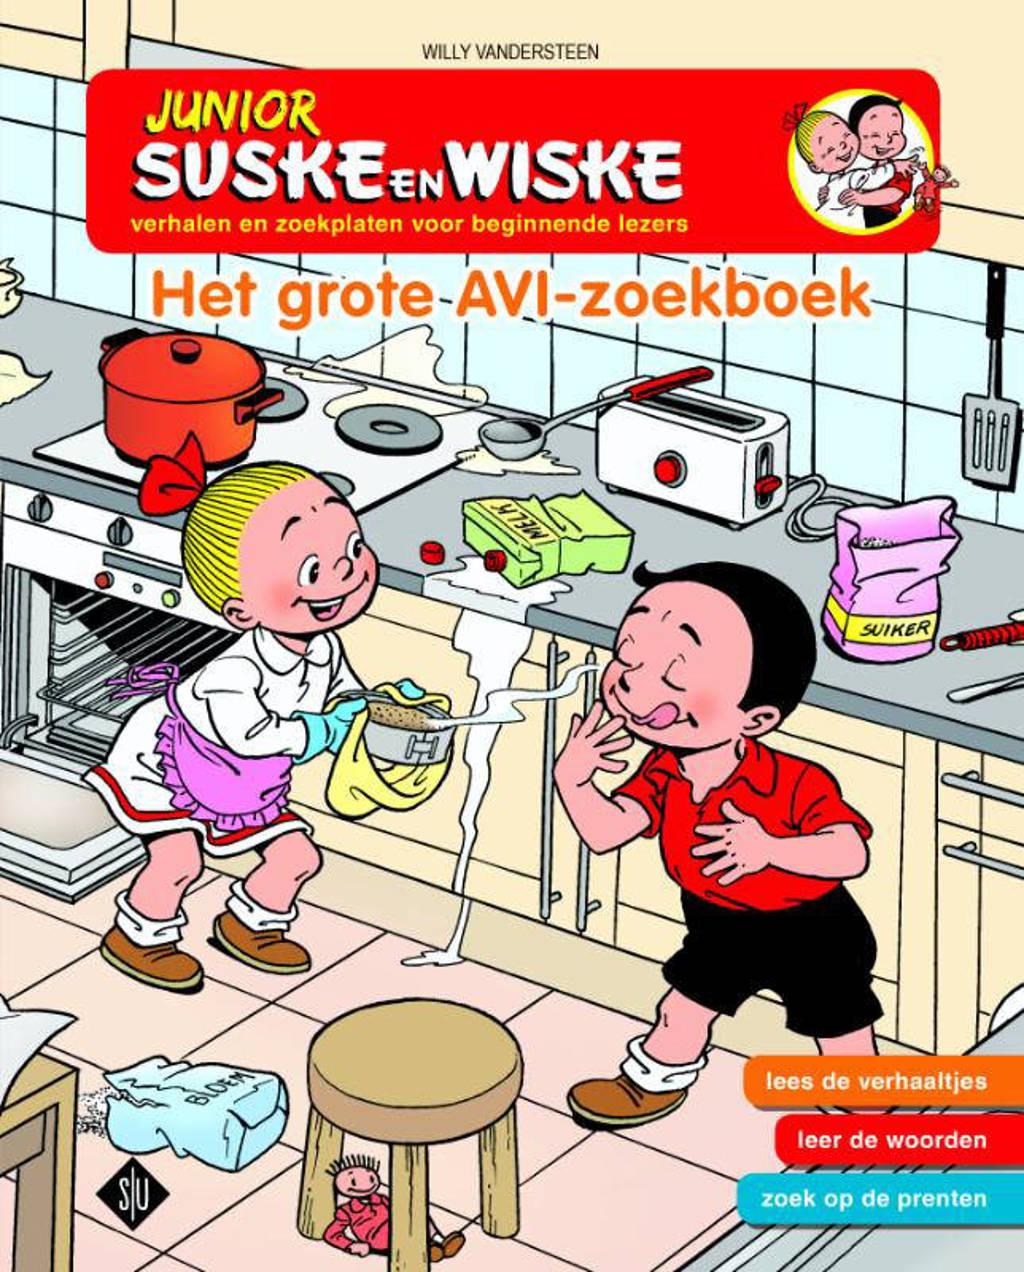 Junior Suske en Wiske: Het grote AVI zoekboek - Willy Vandersteen